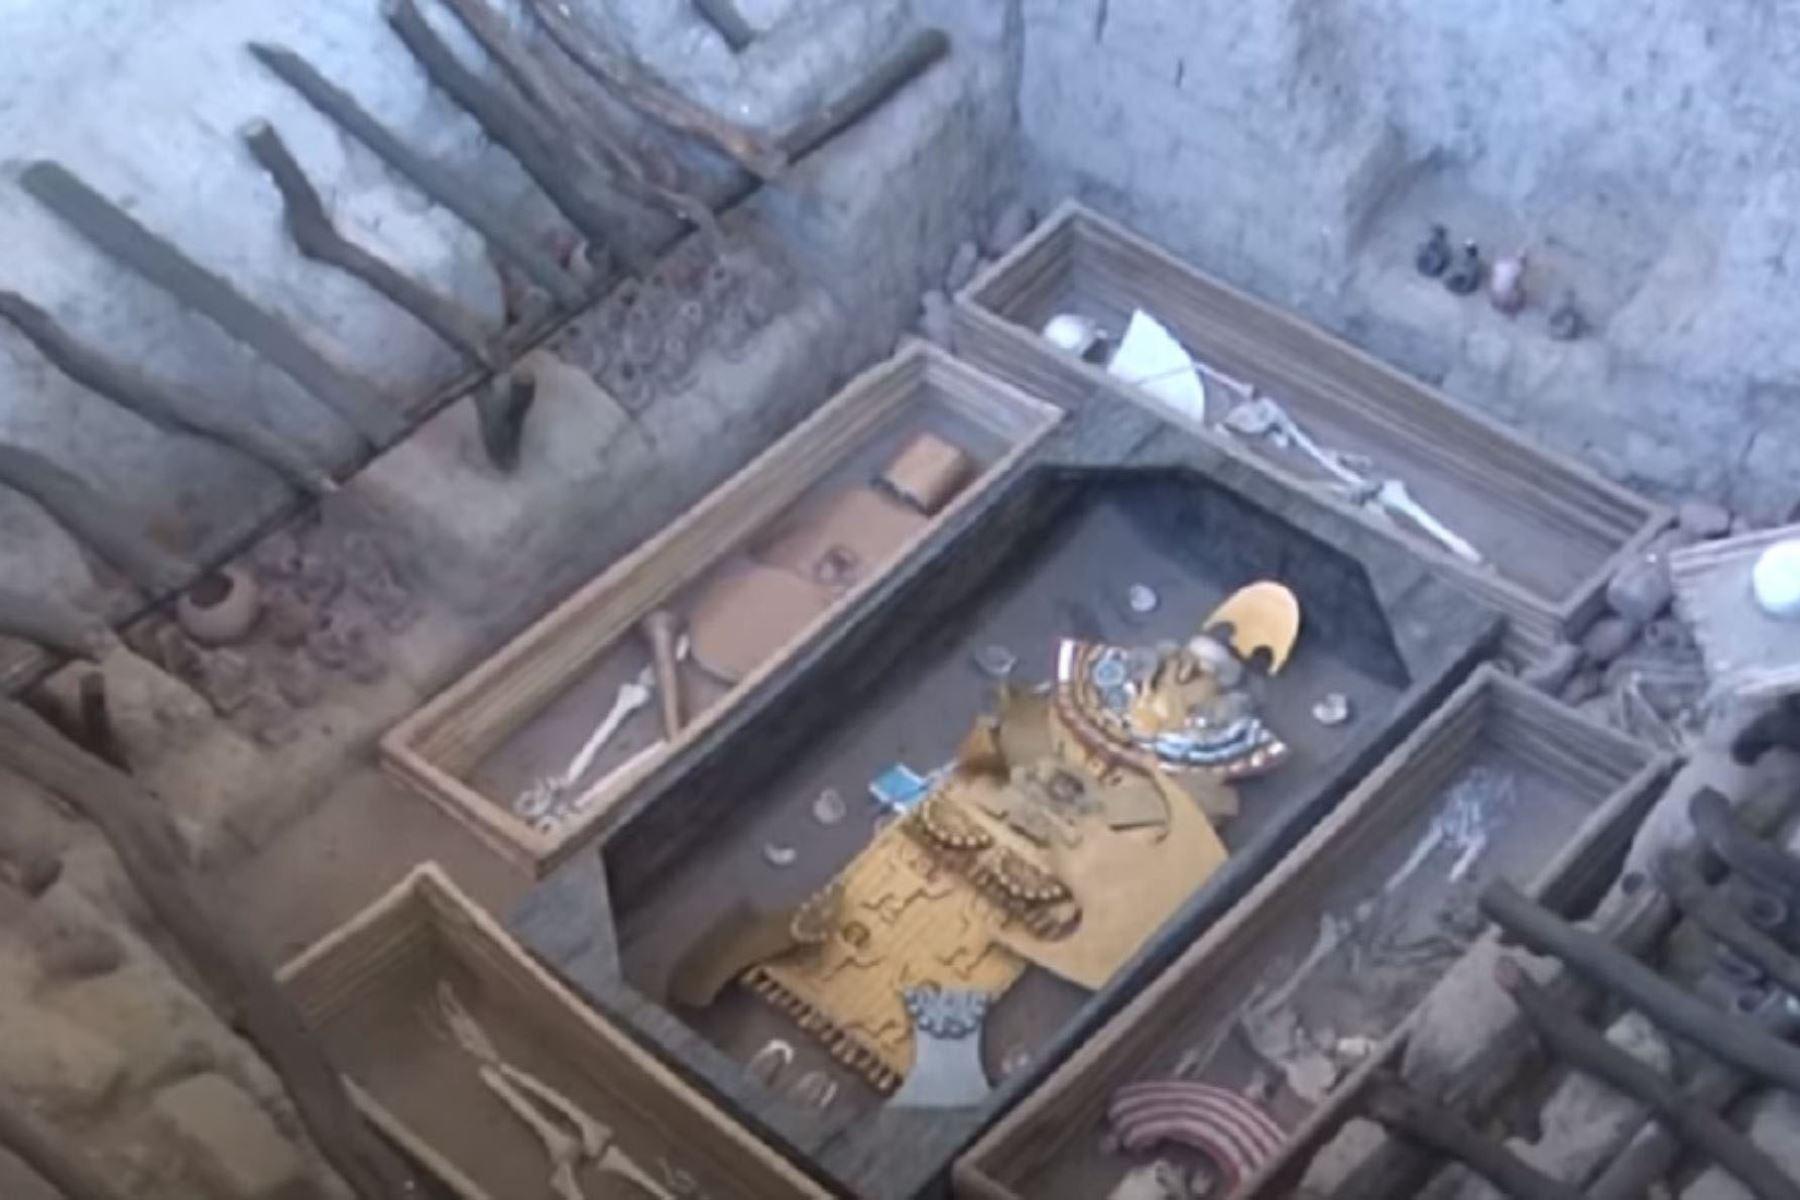 Un día como hoy, hace 34 años, se produjo en Lambayeque el hallazgo de la Tumba del Señor de Sipán, lo que significó un hito trascendental para la arqueología mundial, solo comparado con el hallazgo de la tumba del faraón egipcio Tutankamón a inicios del siglo XX. Foto: ANDINA/Difusión.